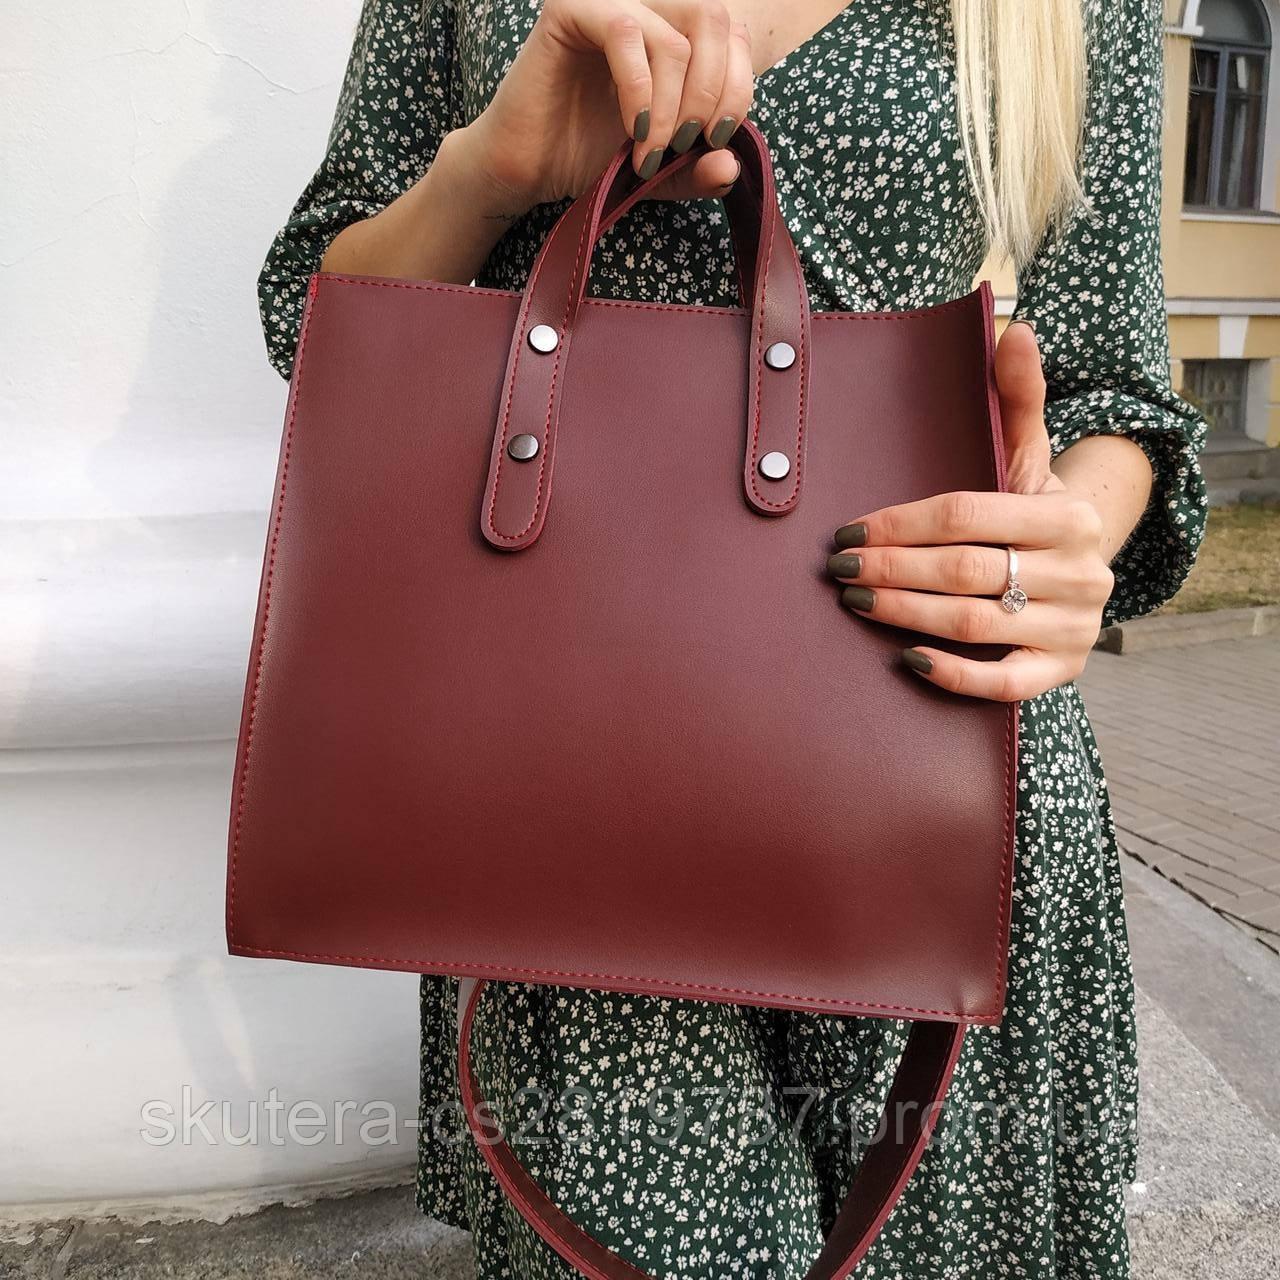 """Женская повседневная сумка на длинной ручке """"Илона Khaki"""", фото 1"""